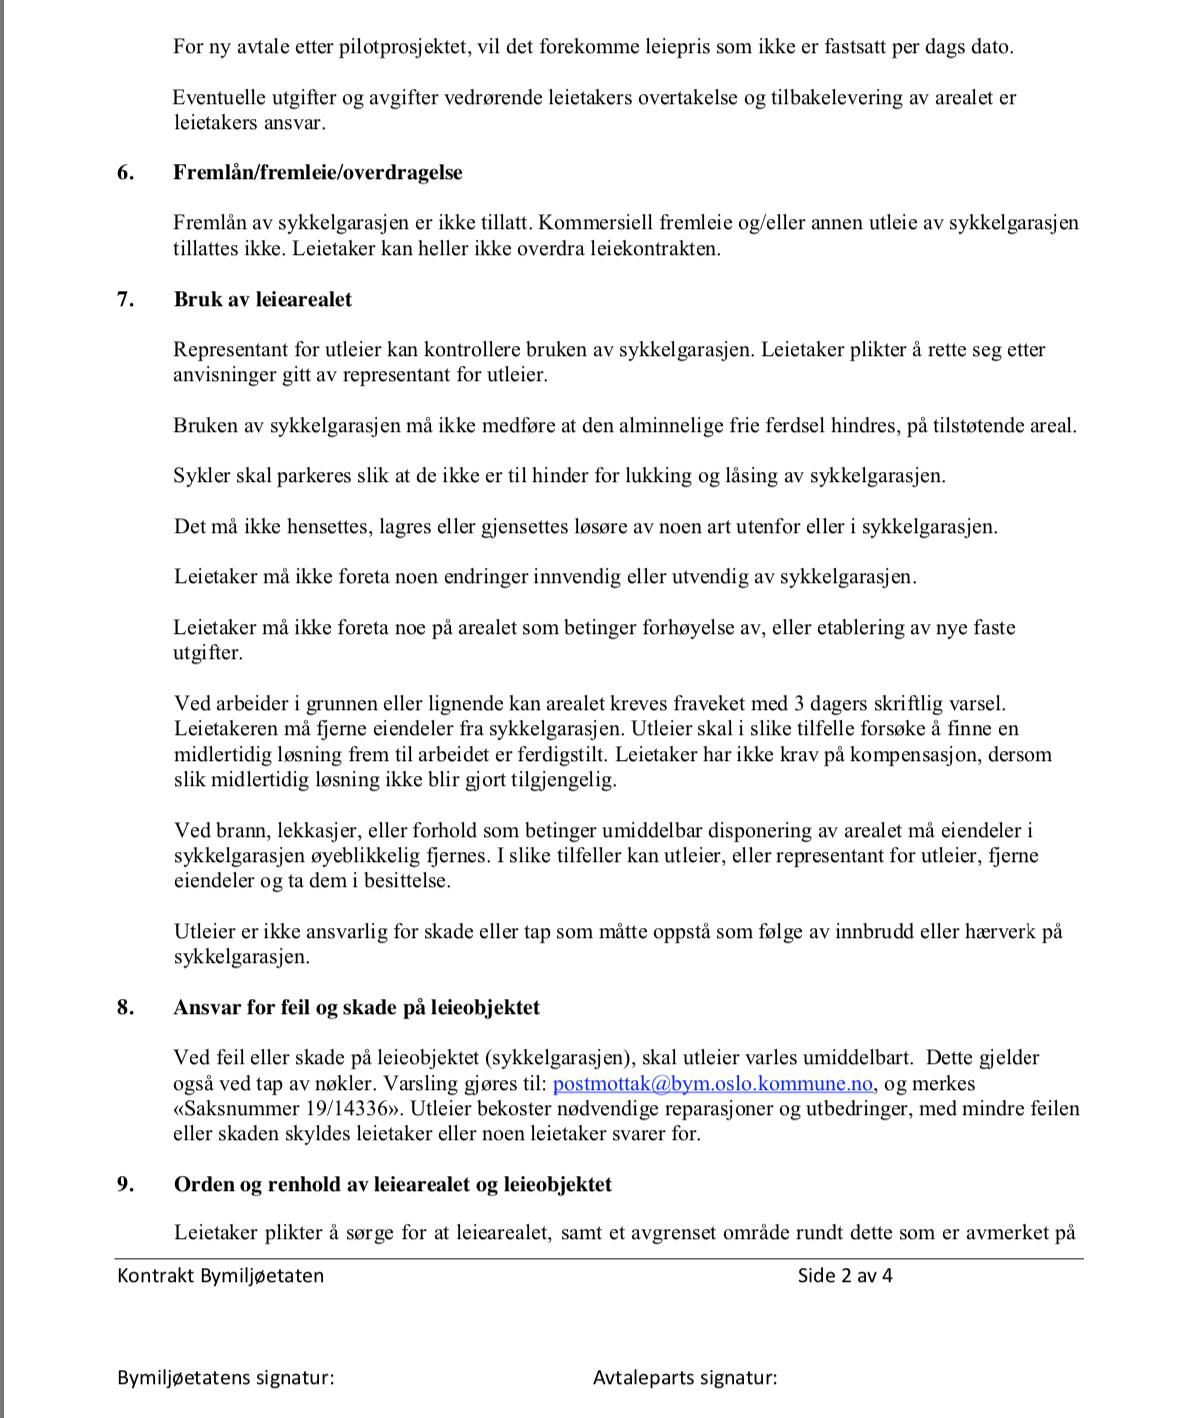 Skjermbilde 2019-07-07 kl. 13.59.26.png